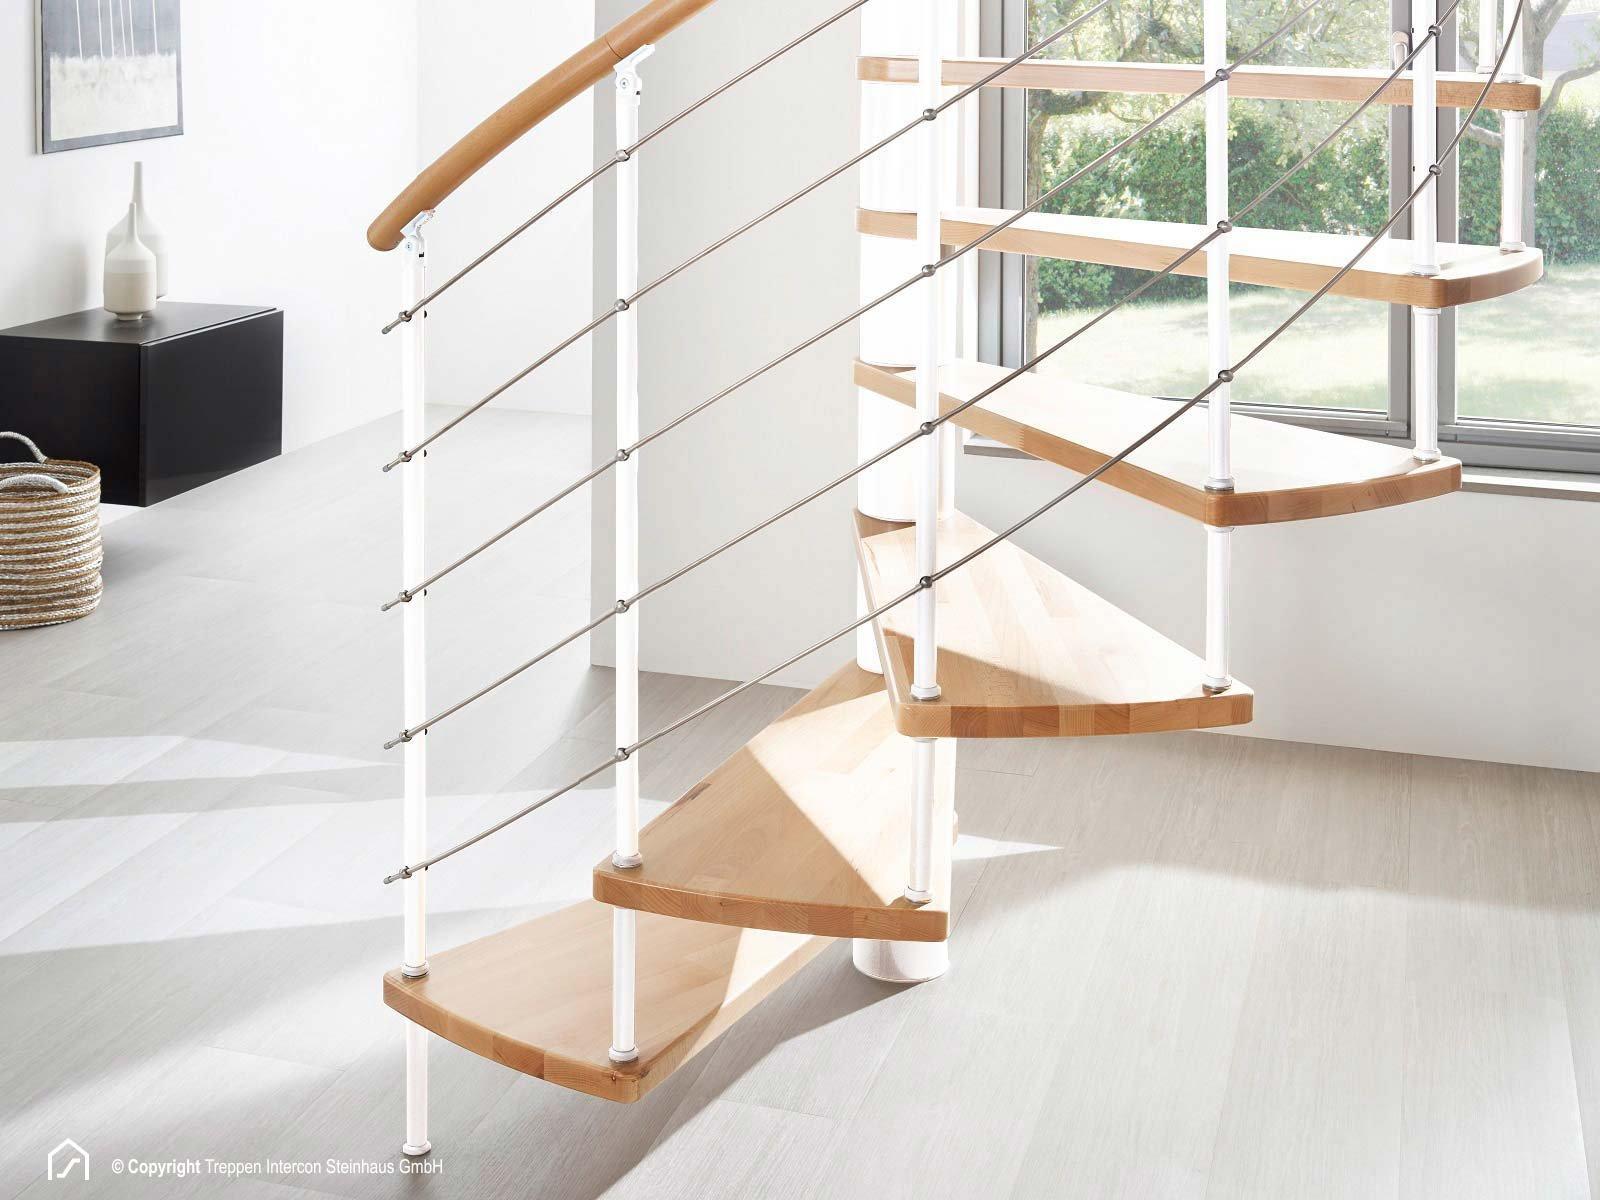 Eje Escaleras InterCon Caparo – Natural Edition en 120, 140 y 160 cm diámetro: Amazon.es: Bricolaje y herramientas